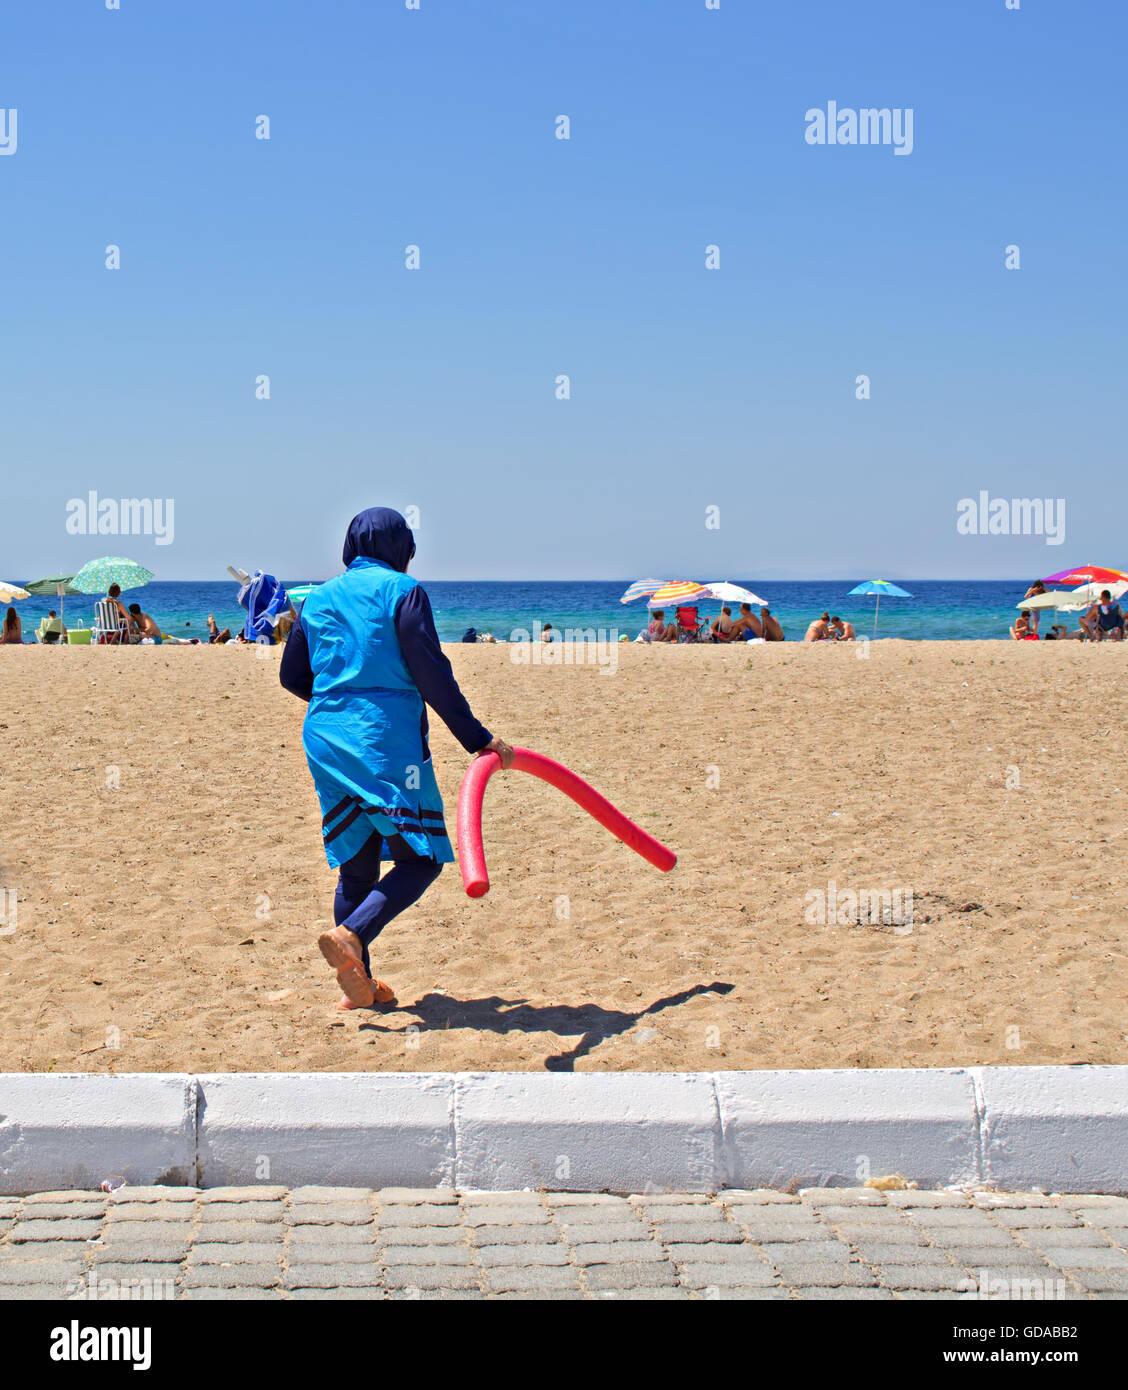 Muslim woman walking on the beach in her Birkini swimwear - Stock Image